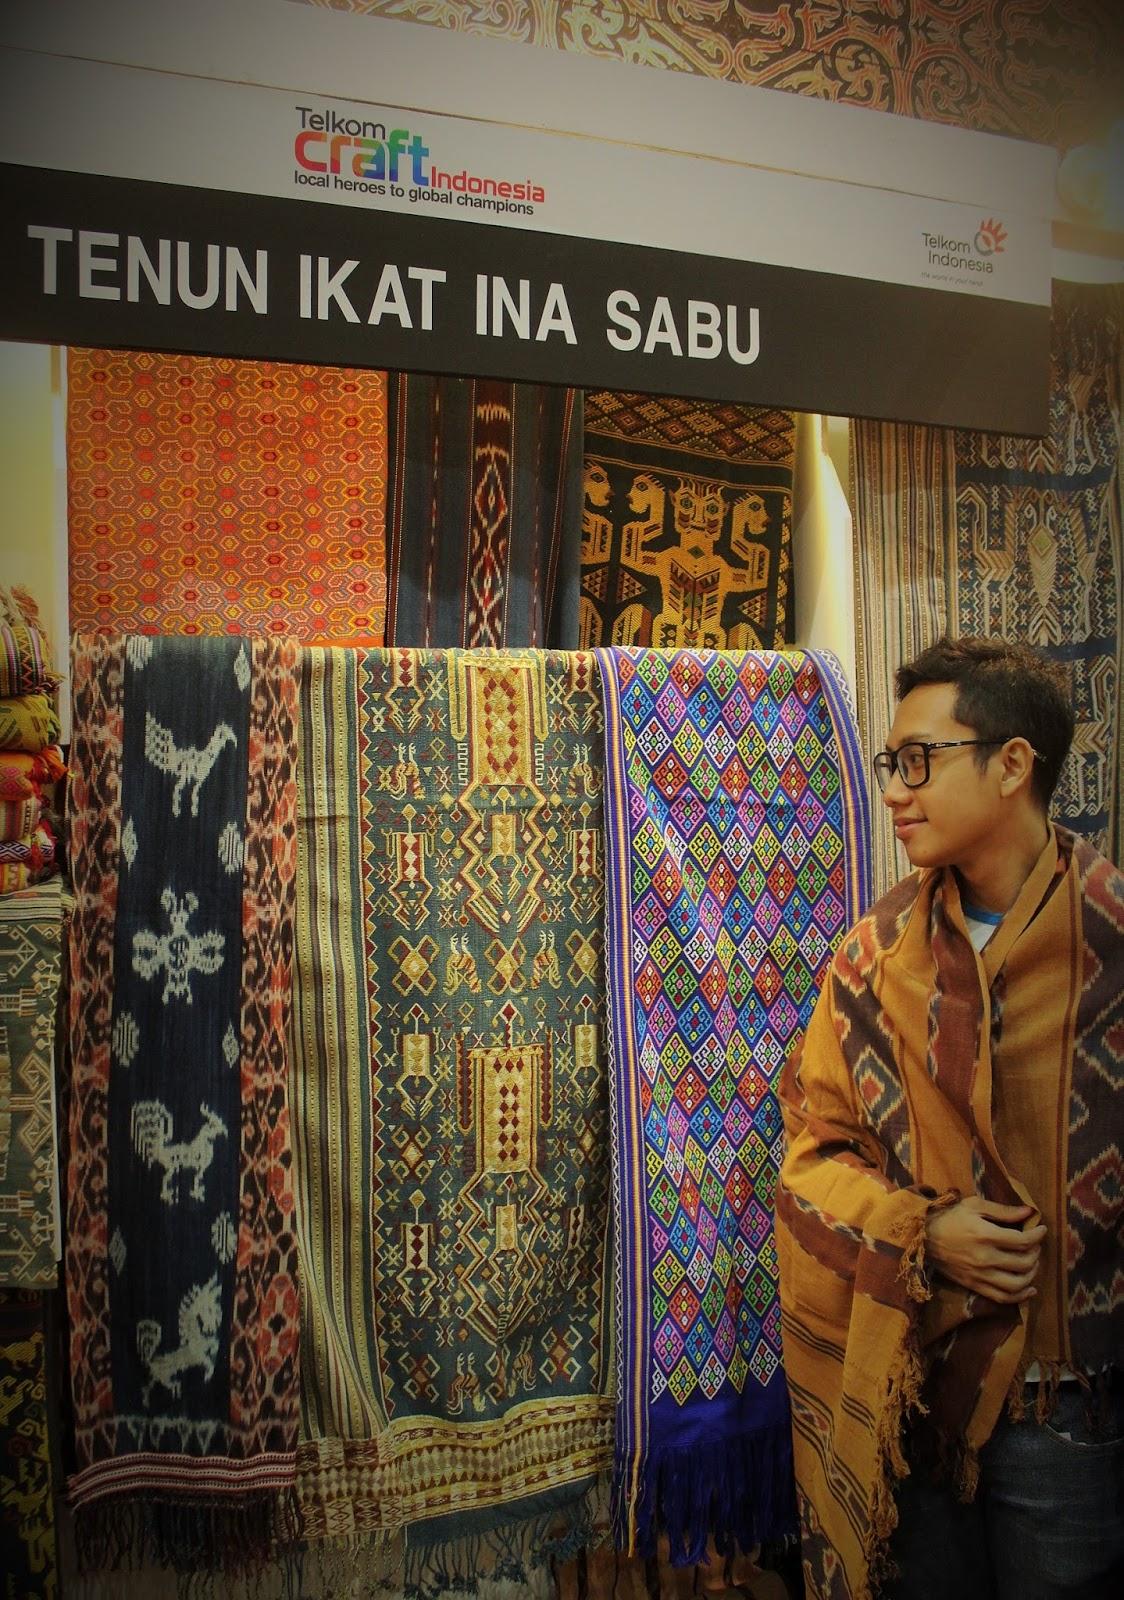 Itbbs In The Bedroom Before Sleep Kebanggaan Lokal Dari Ukm Asli Produk Bumn Kain Batik Handmade Warna Alam Yang Sudah Terbentuk Sejak Tahun 2005 Lalu Berawal Lapak Kecil Hanya Berjualan Tenun Ikat Saja